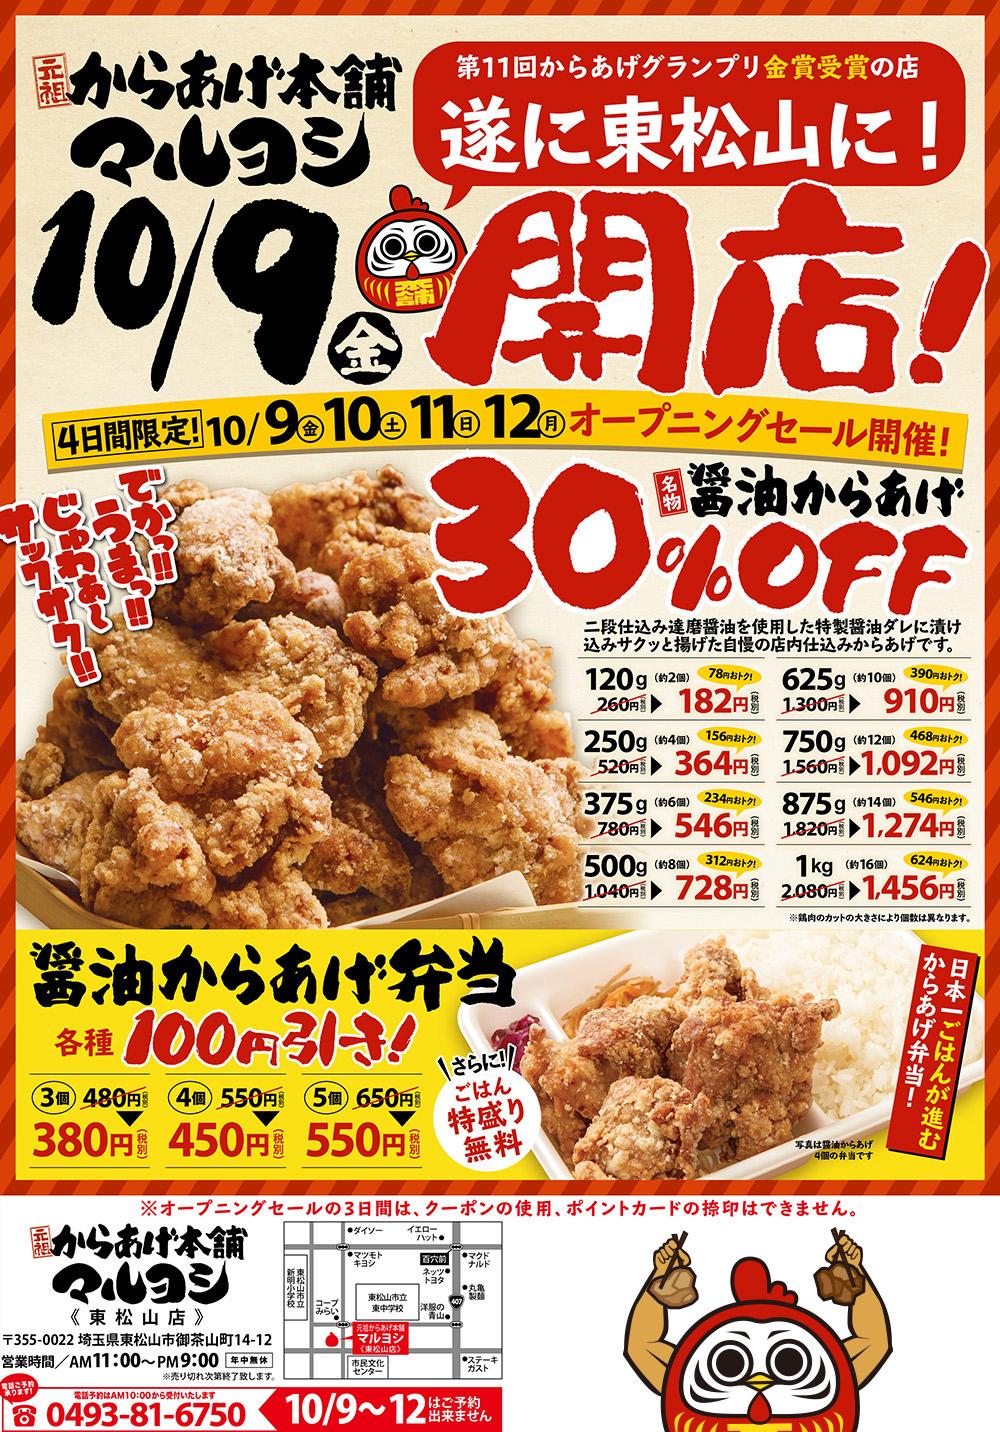 10/9(金)元祖からあげ本舗マルヨシ東松山店オープン!